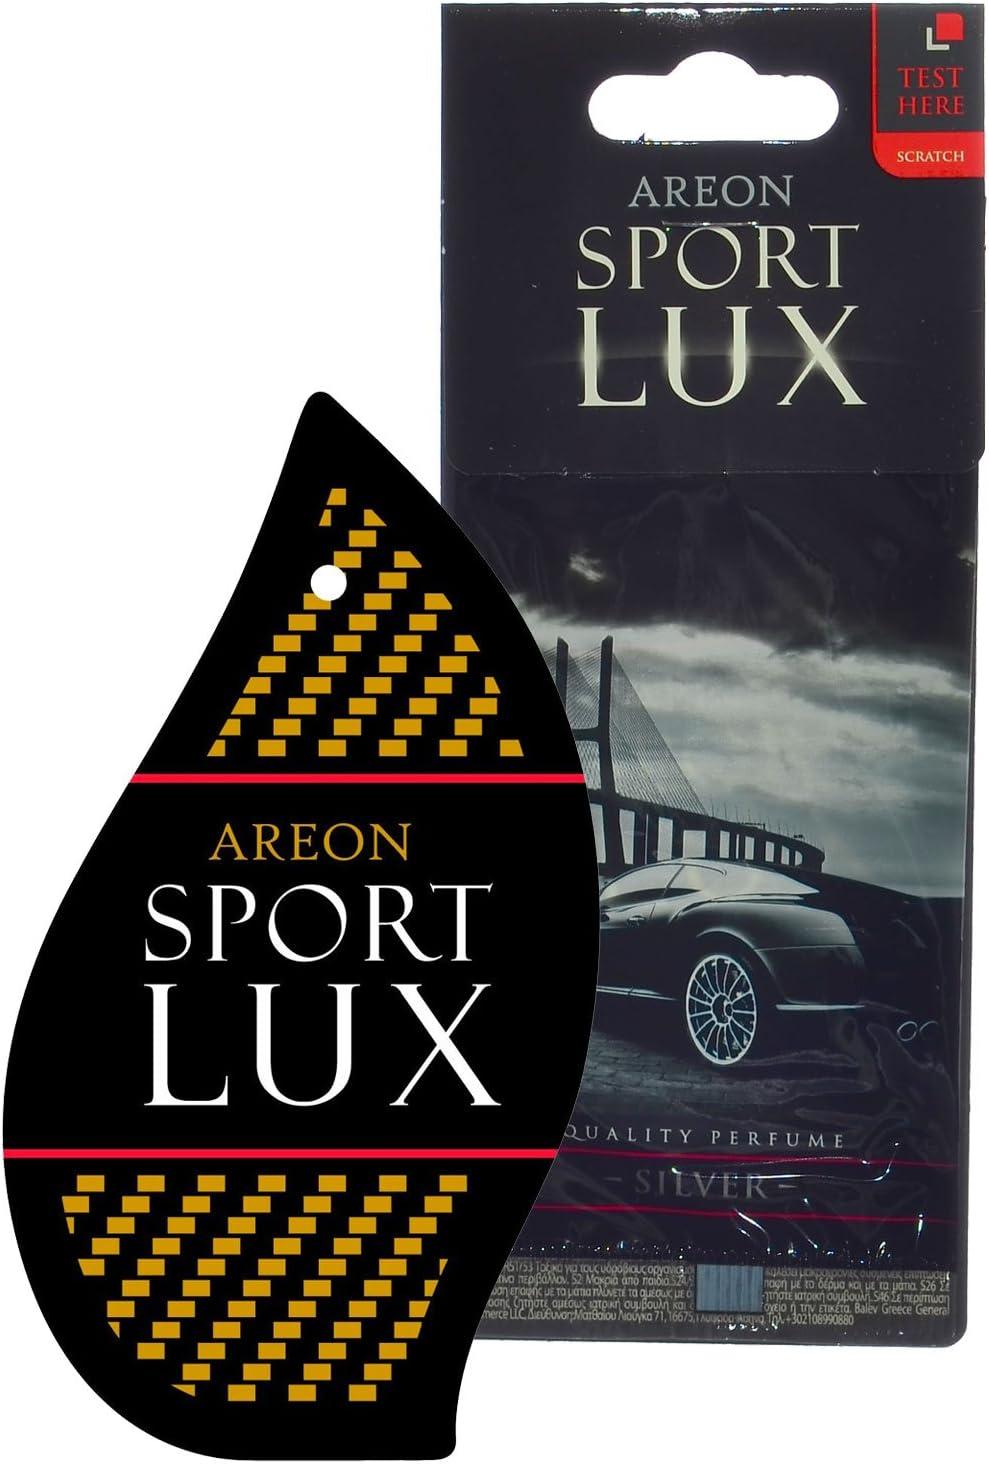 Amazon.es: Areon deporte Lux calidad Perfume/Colonia cartón coche ...